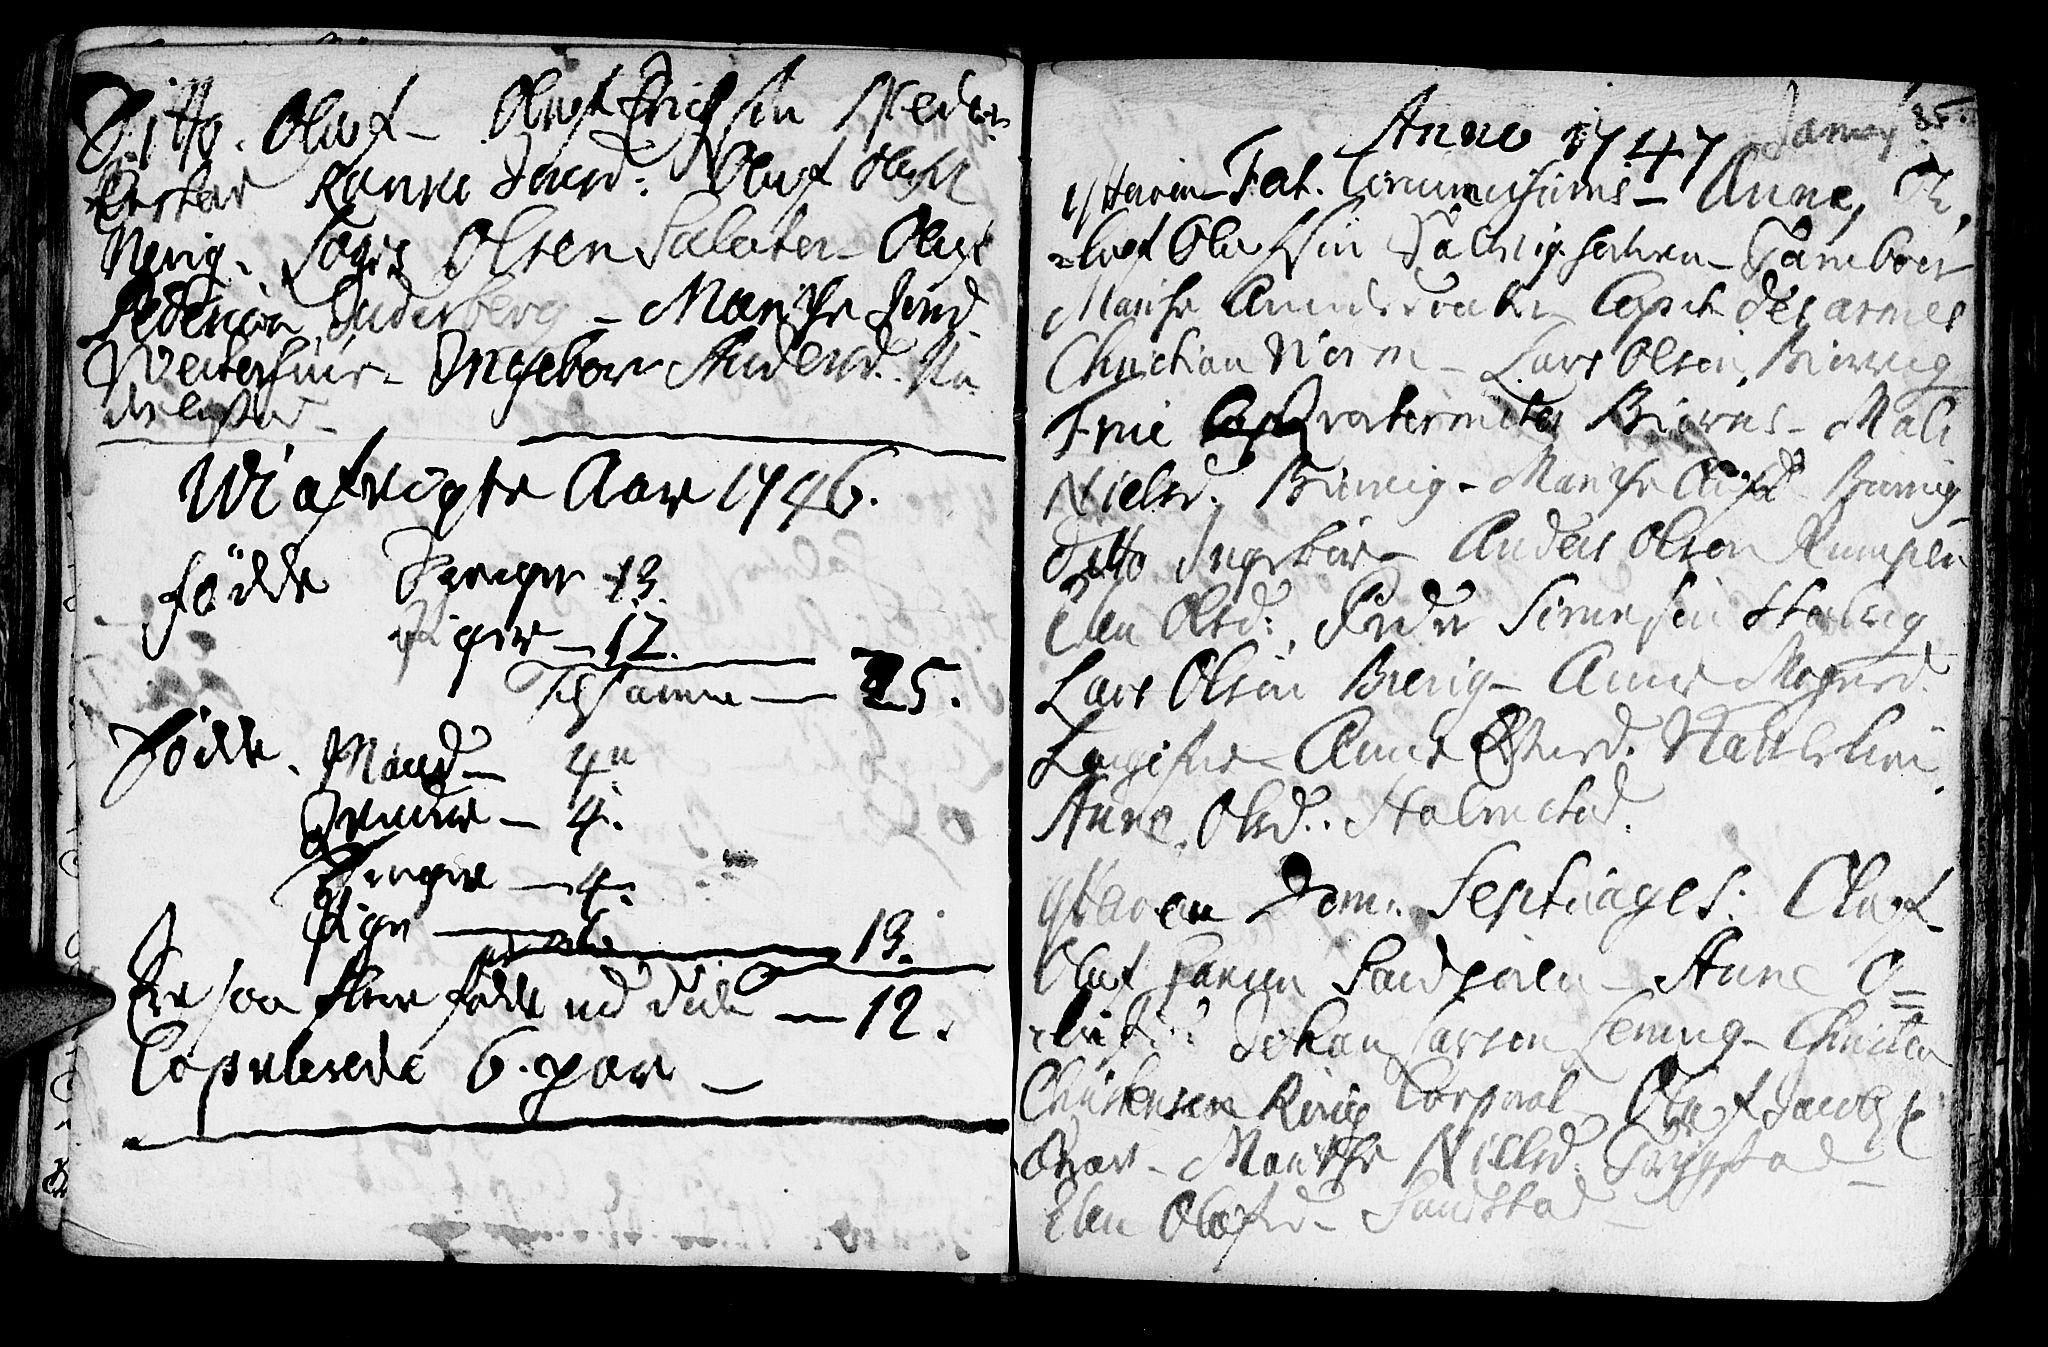 SAT, Ministerialprotokoller, klokkerbøker og fødselsregistre - Nord-Trøndelag, 722/L0215: Ministerialbok nr. 722A02, 1718-1755, s. 85